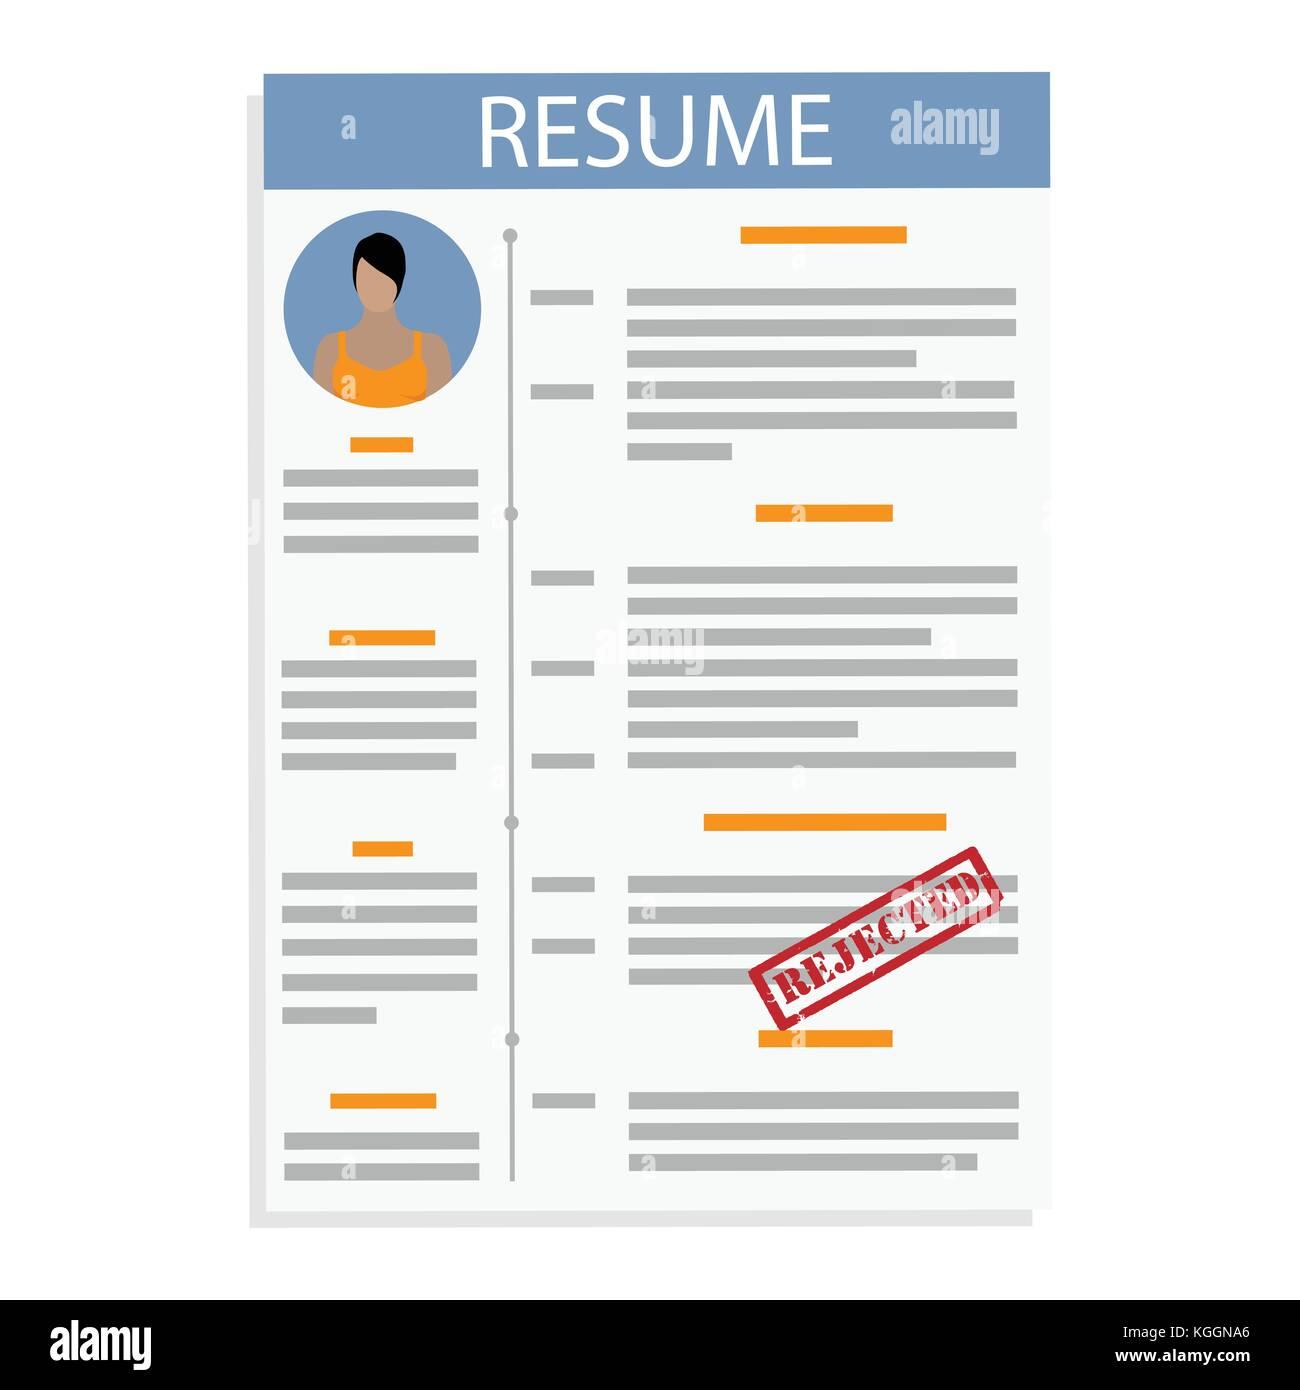 Curriculum Vitae Cv Resume Template Imágenes De Stock & Curriculum ...